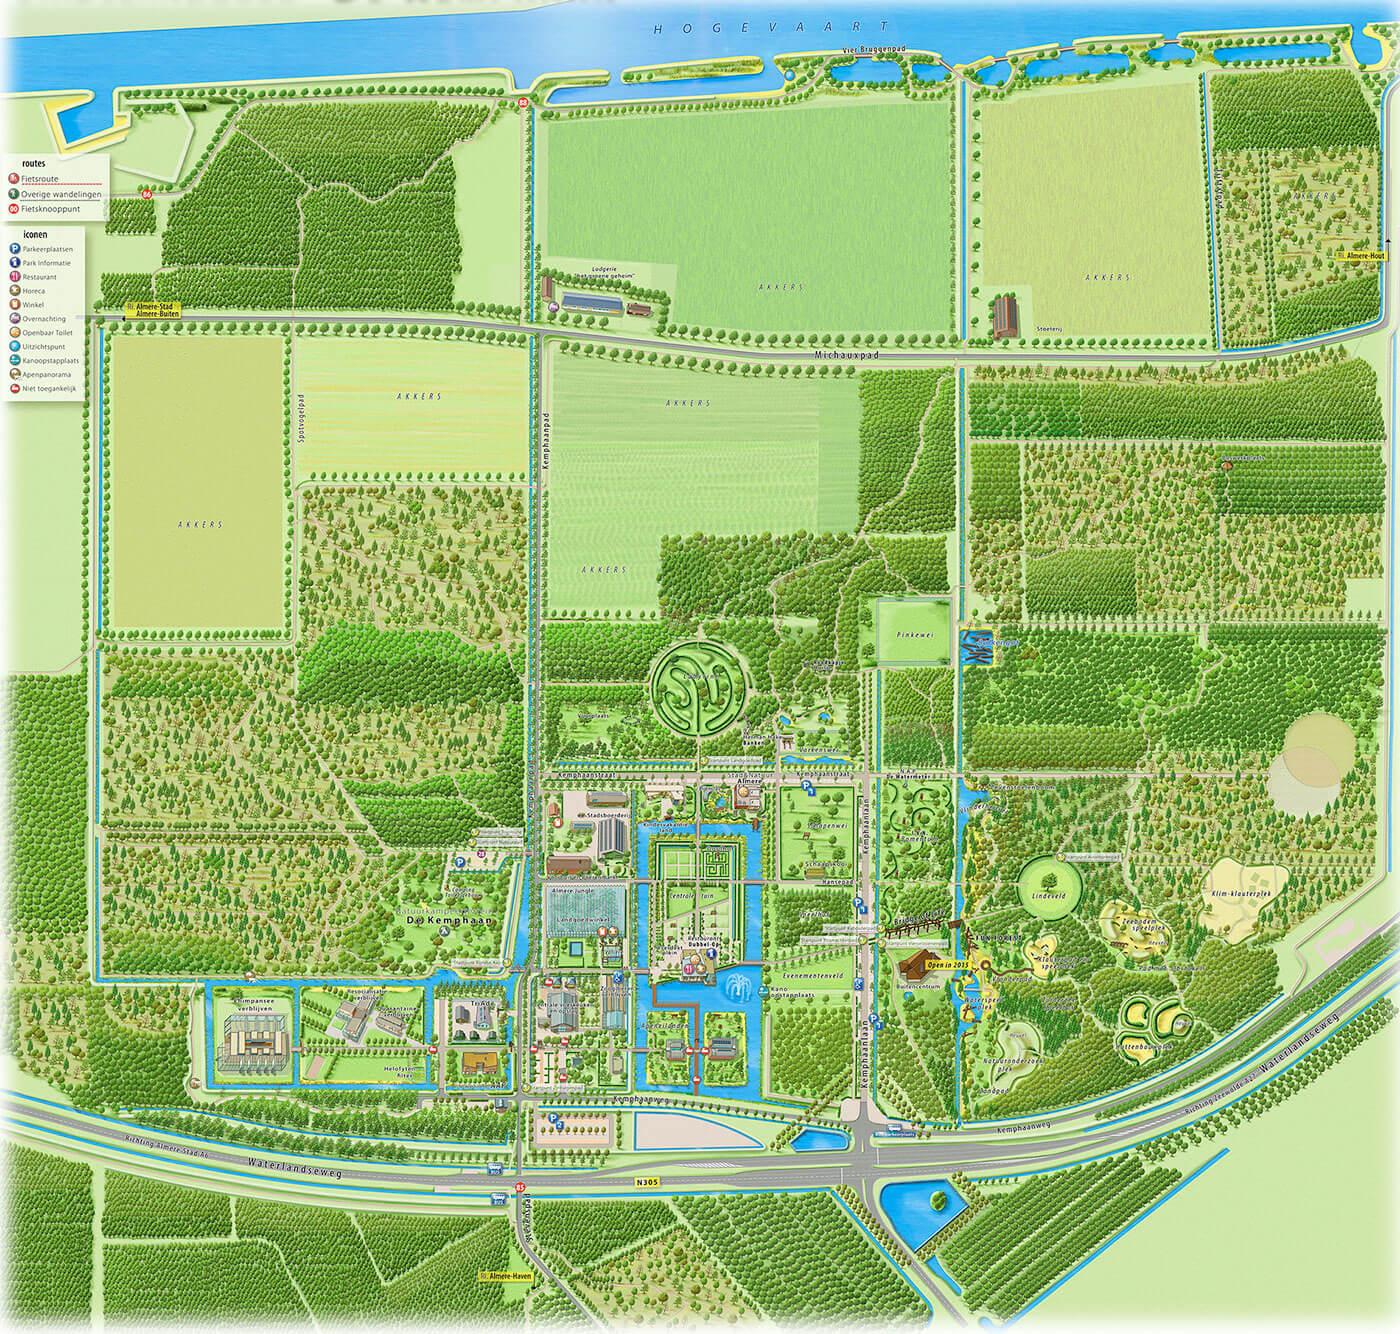 Kemphaan plattegrond